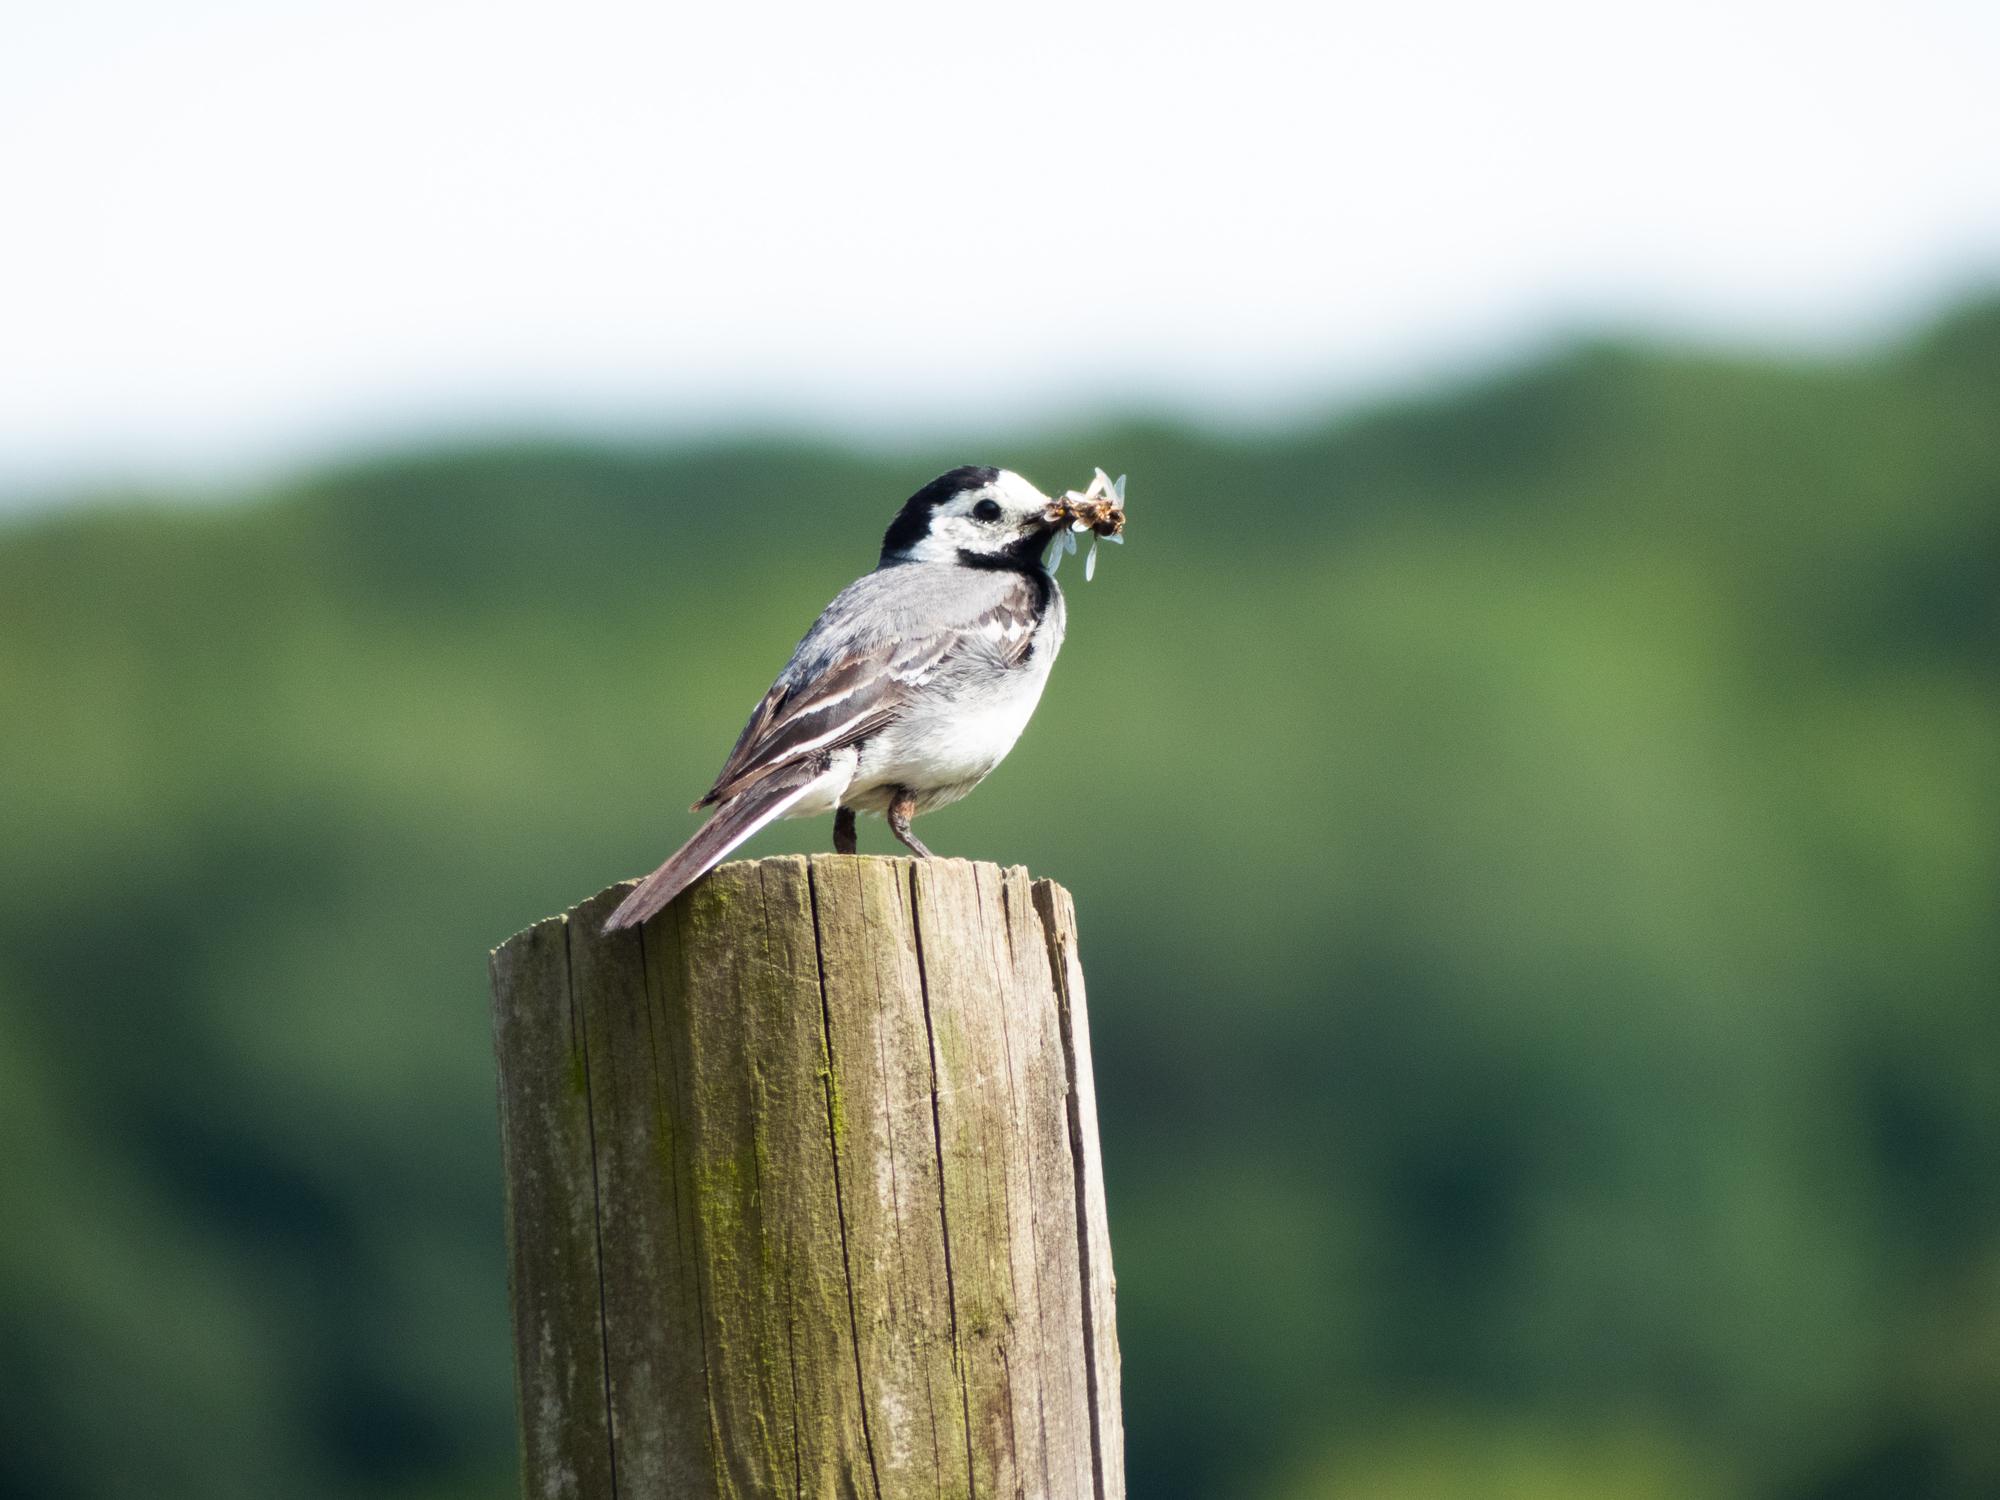 Savoir comment observer les oiseaux passe par un bon matériel ornithologique